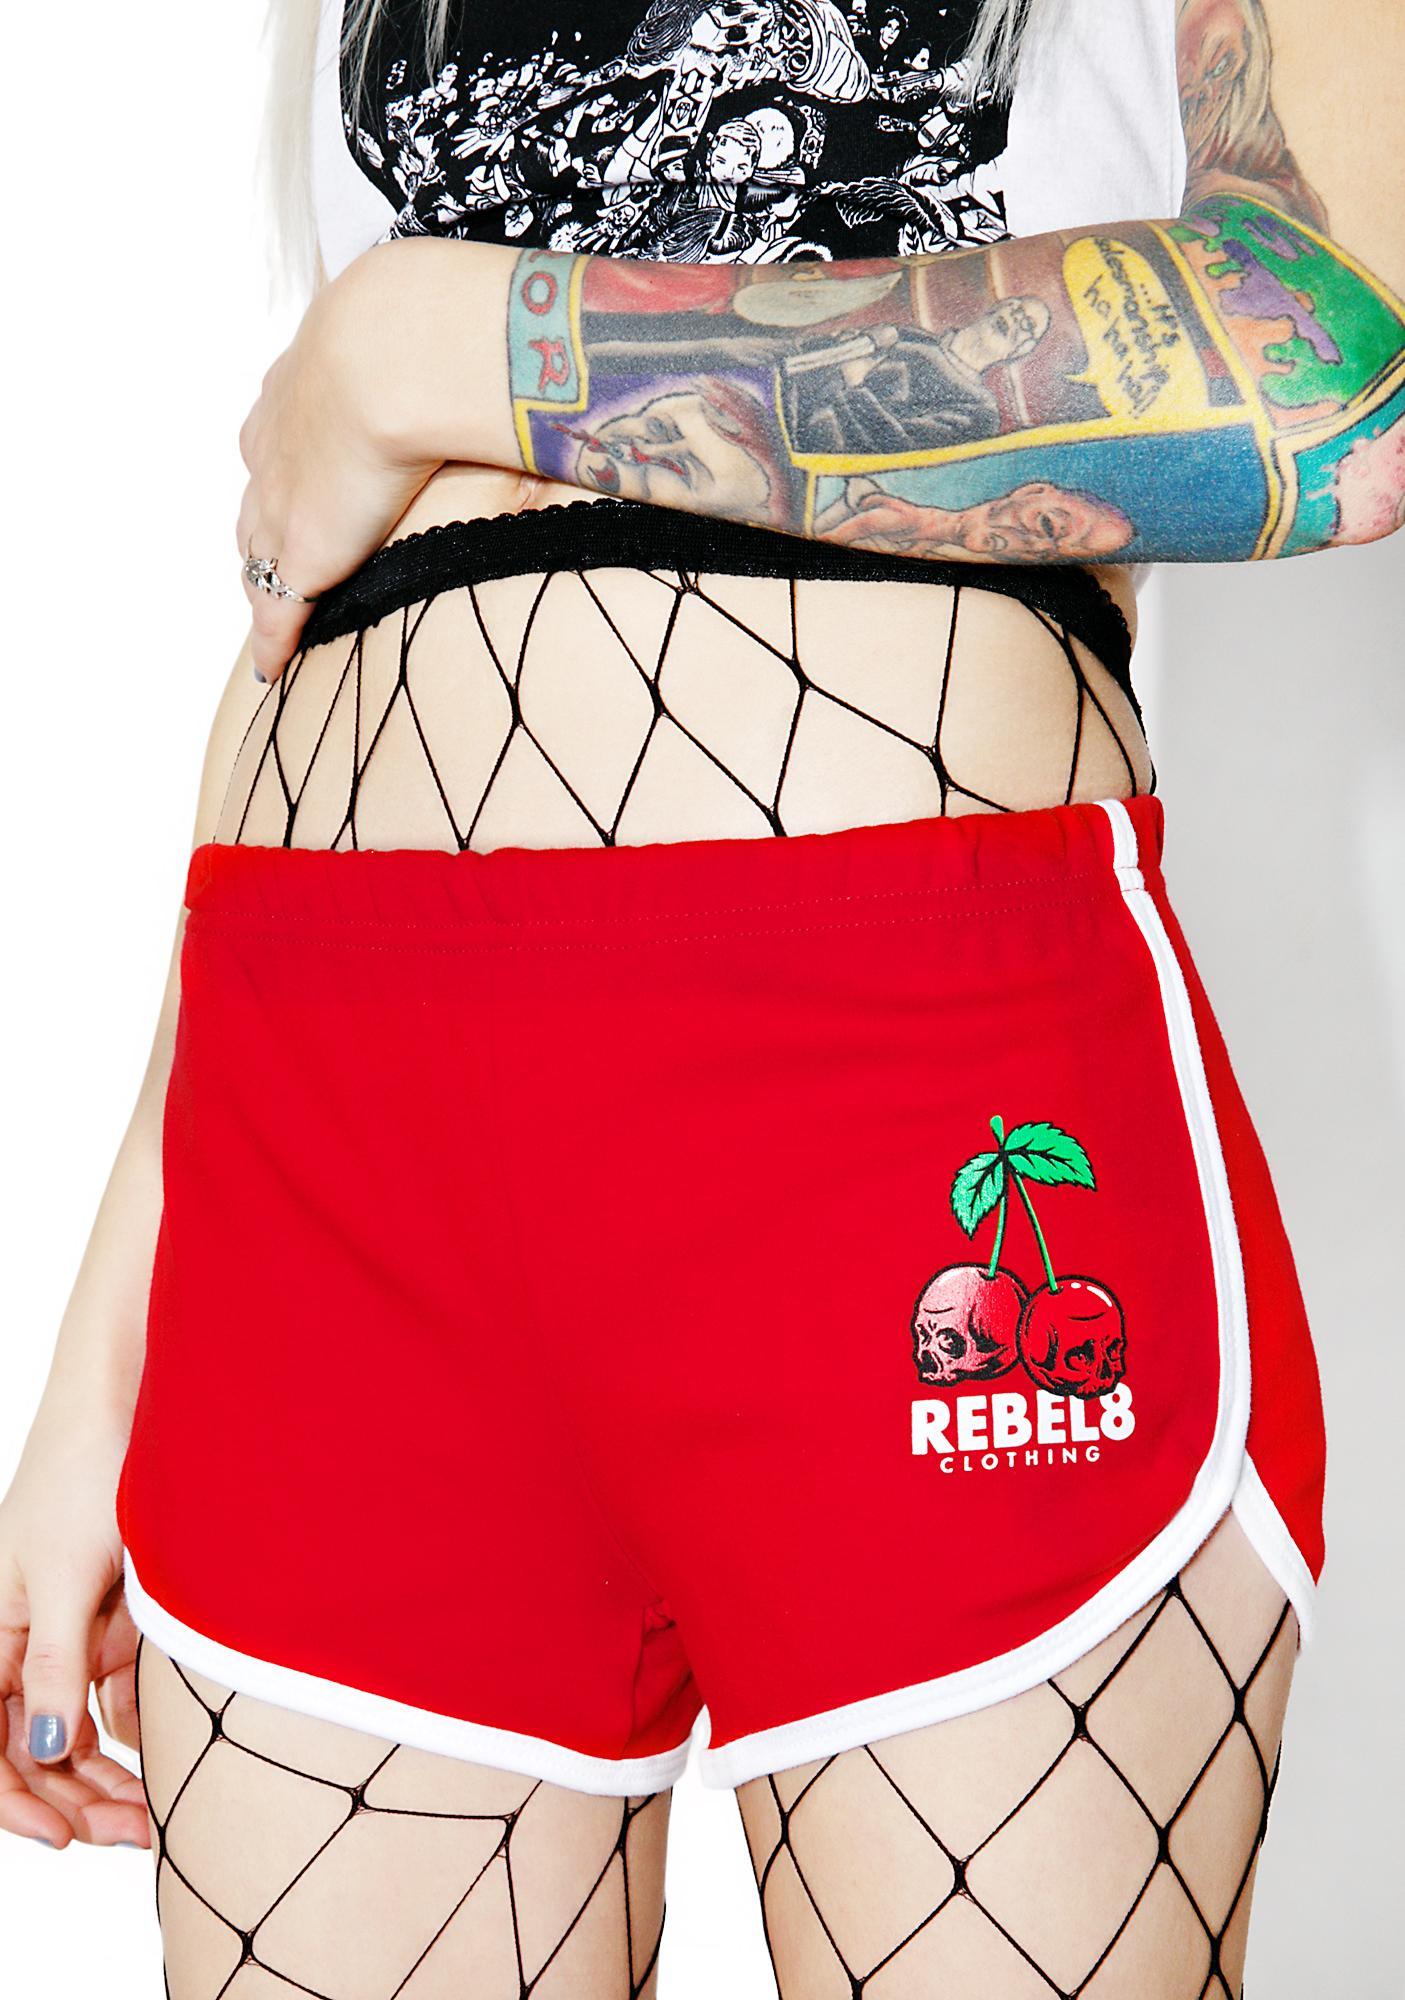 Rebel8 Fruits Of Labor Shorts